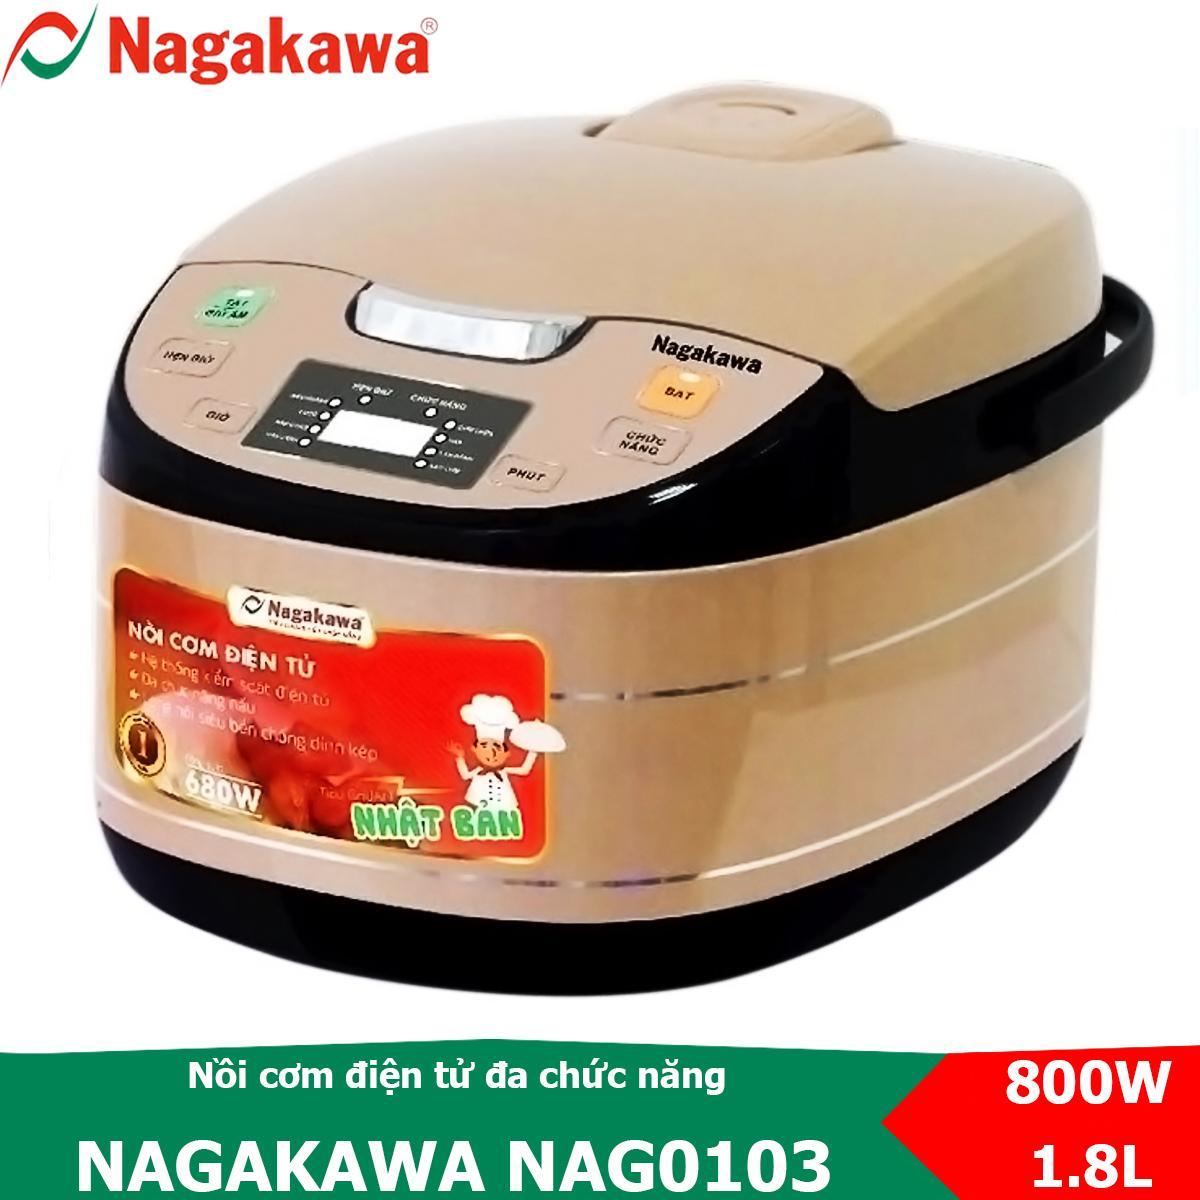 Mã Khuyến Mại tại Lazada cho Nồi Cơm điện Tử 1.8L Nagakawa NAG0103 đa Chức Năng Nấu Và Chế độ Giữ ấm Cơm